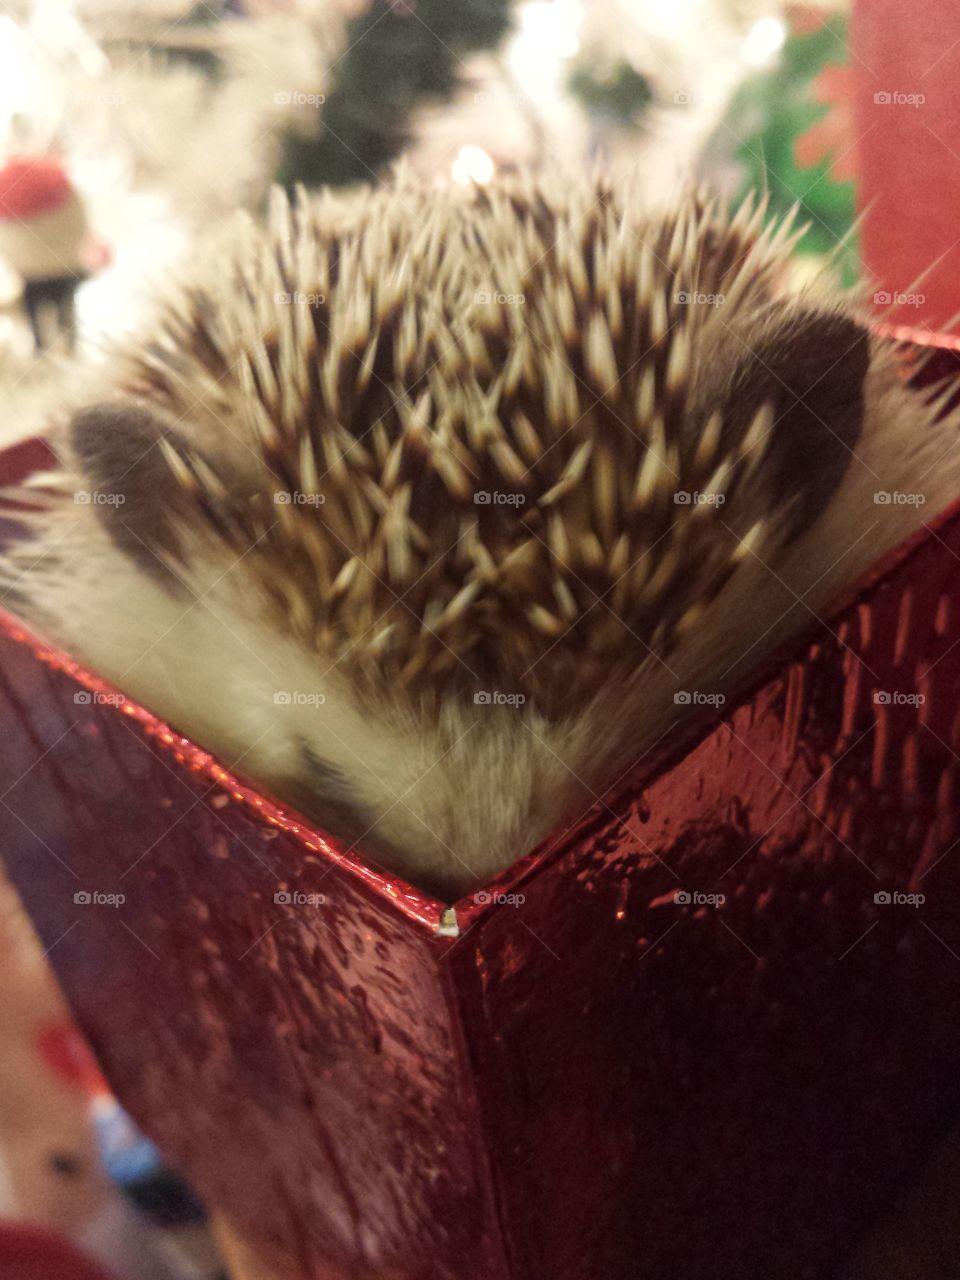 Hedgehog in box